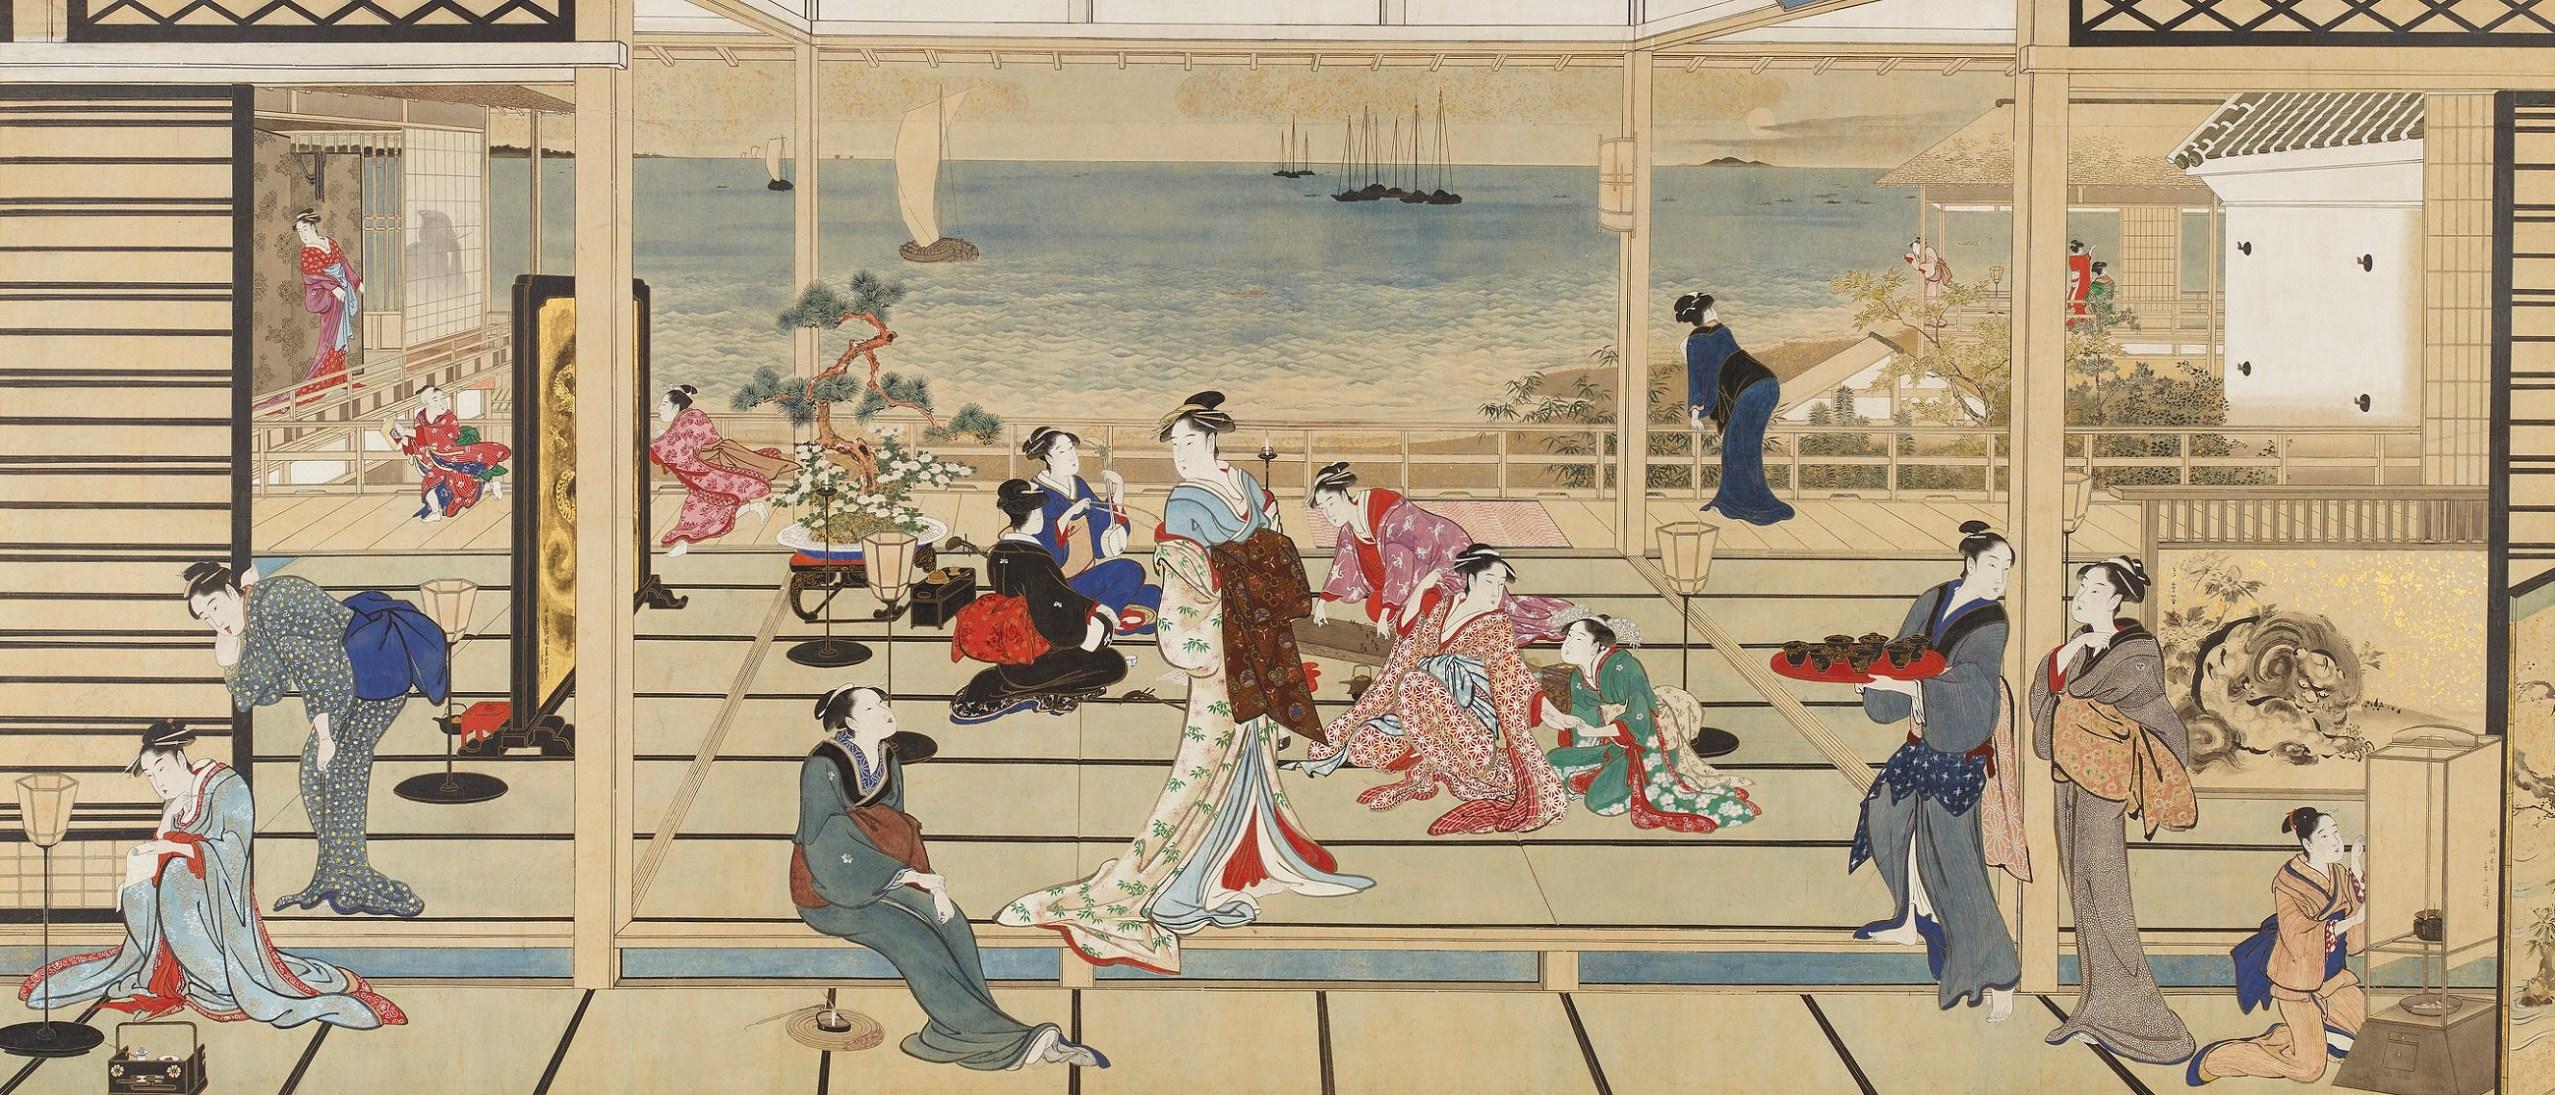 Detail image, Kitagawa Utamaro, Moonlight Revelry at Dozo Sagami; Ink and color on paper, Japan; Gift of Charles Lang Freer, F1903.54